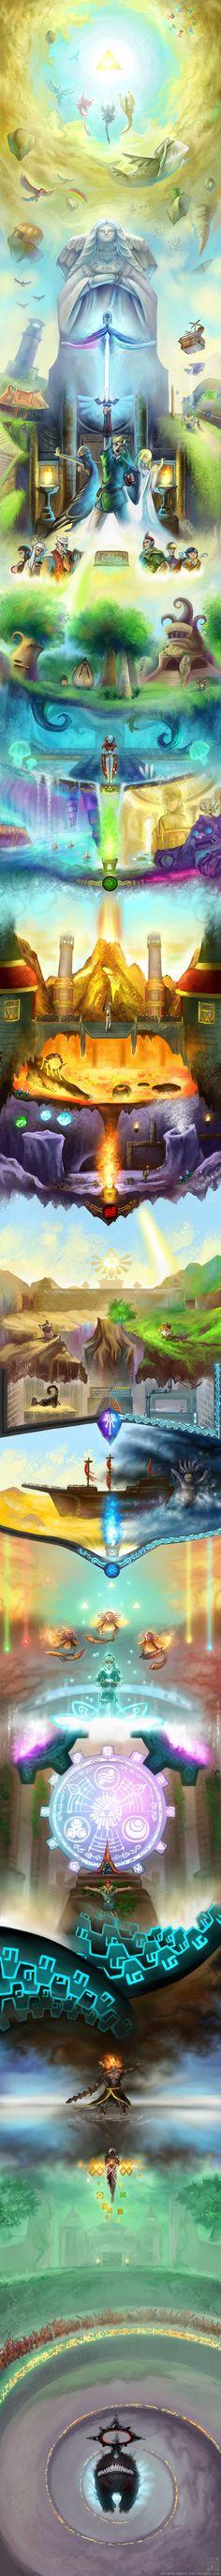 Hace más de un año os mostramos un alucinante homenaje a la saga Zelda en forma de un enorme dibujo que causó sensación. El que os traemos hoy puede que no sea tan espectacular y detallado, pero es…